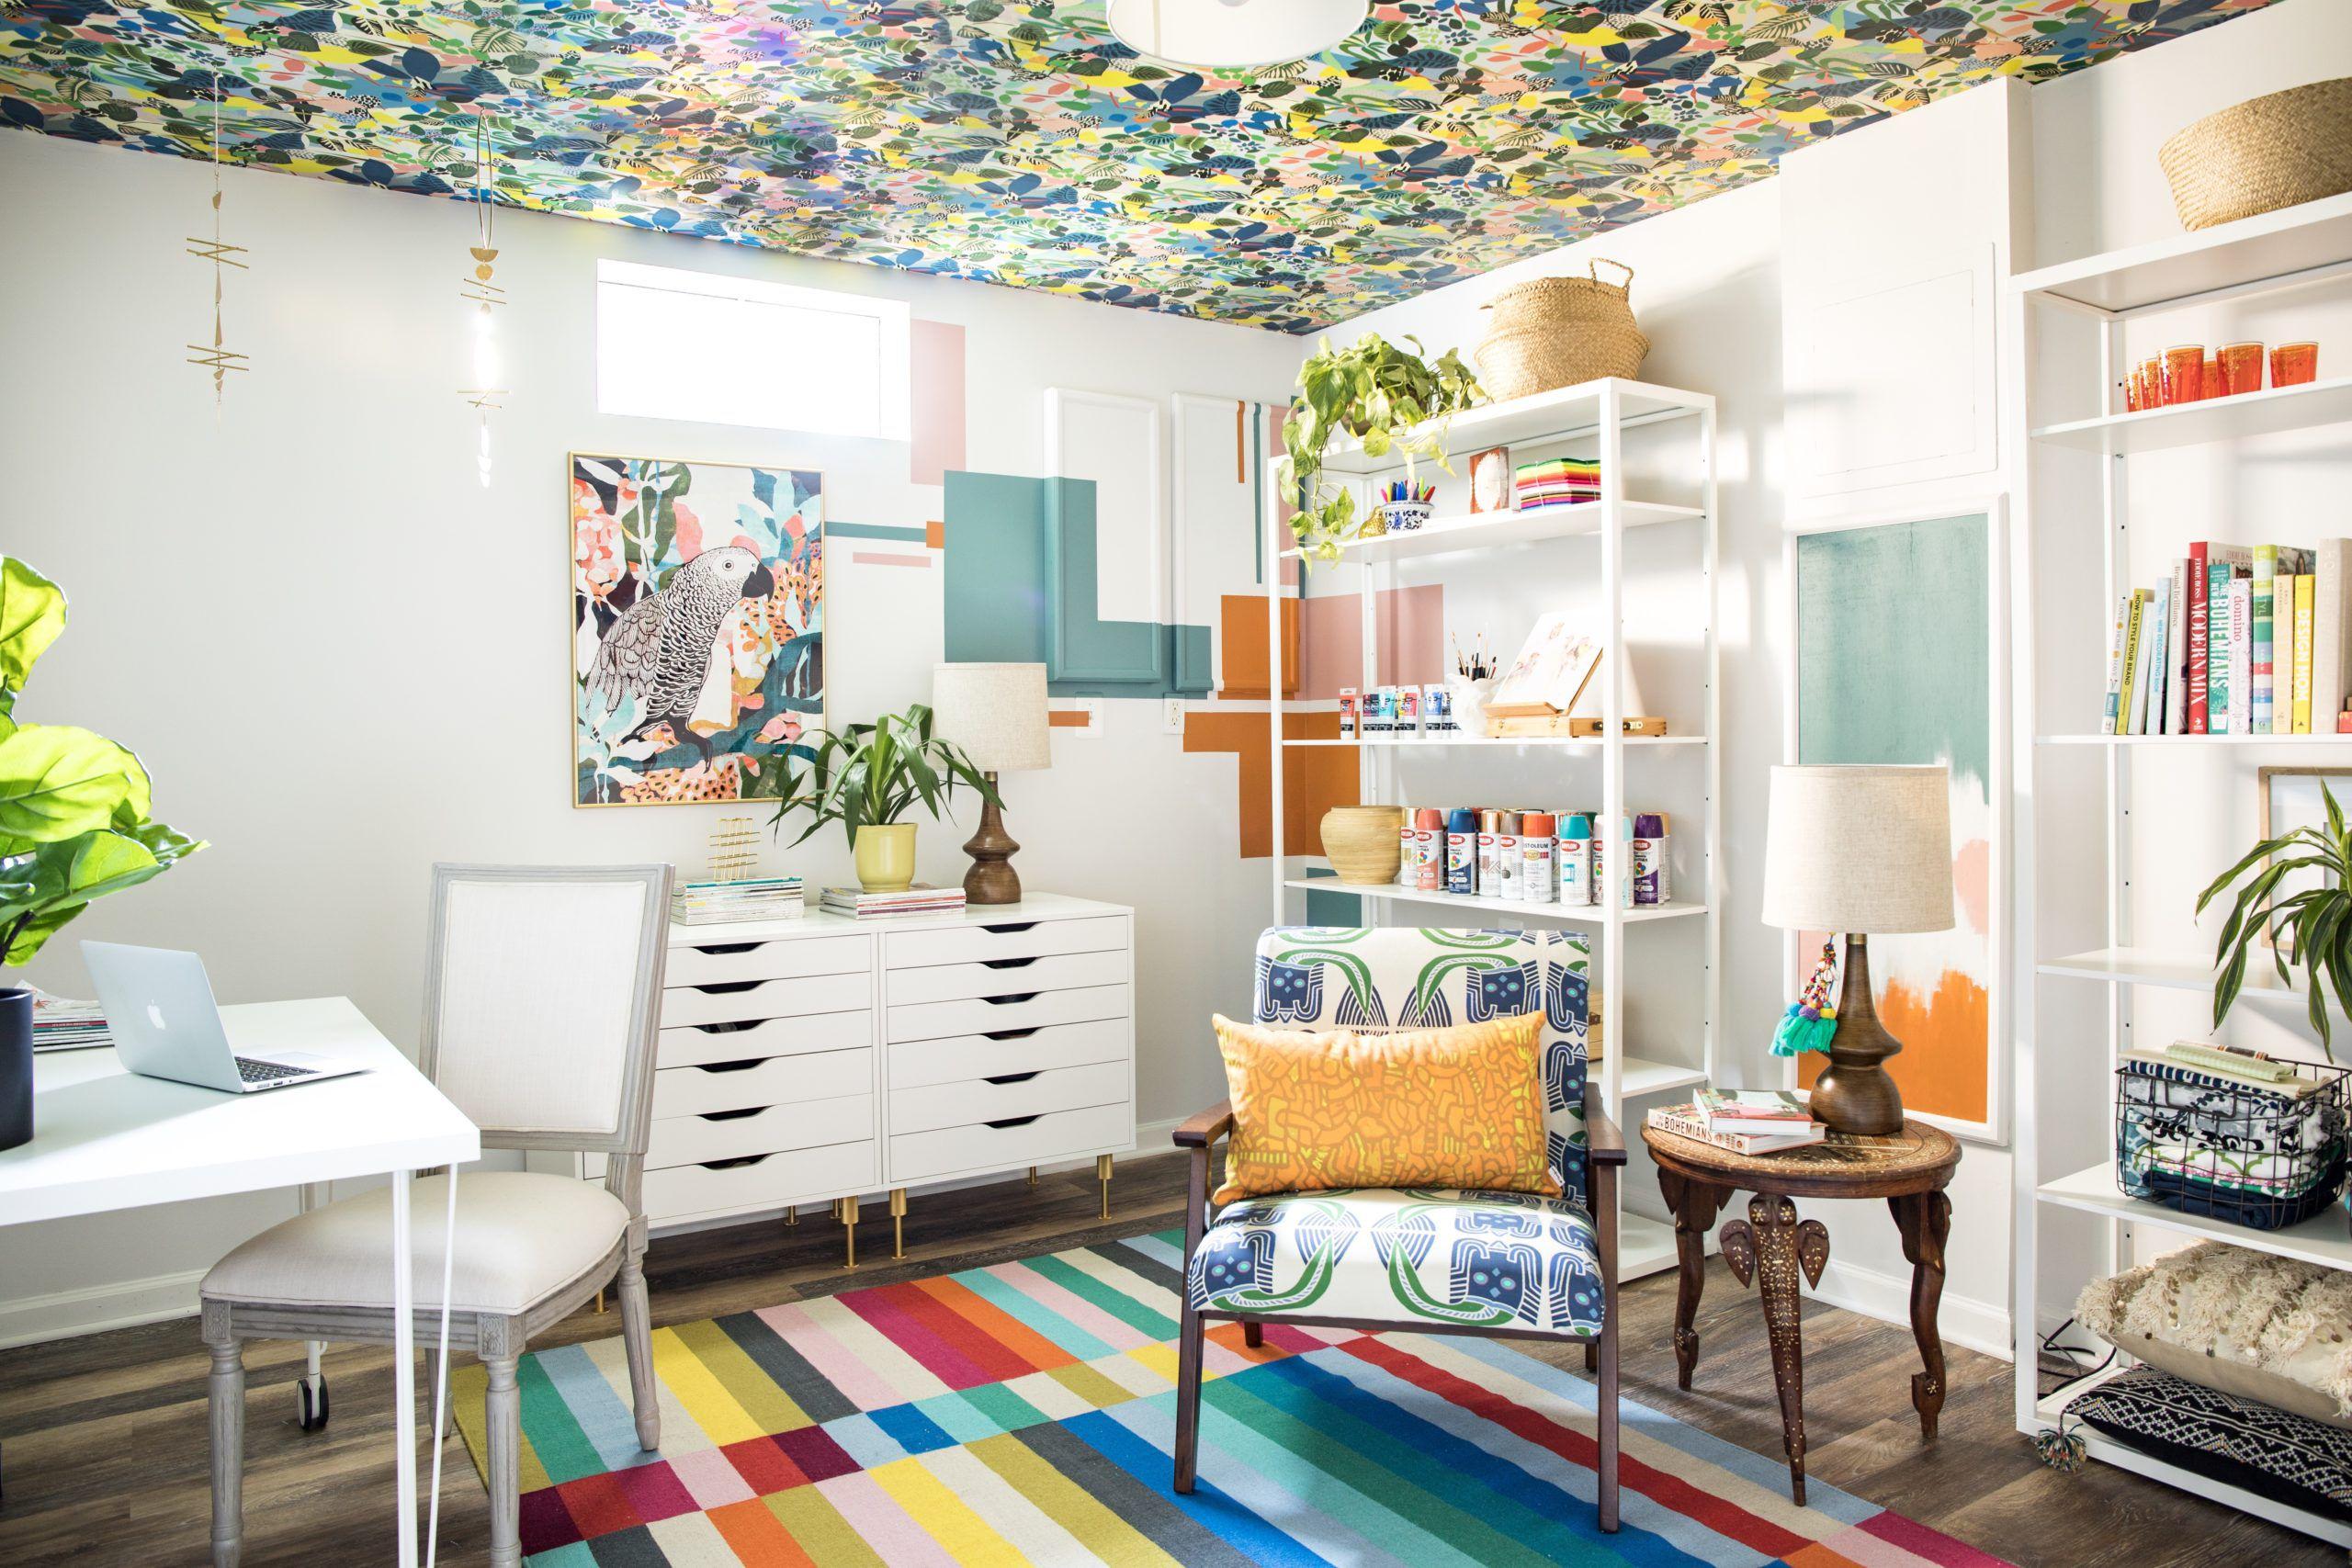 Hockney wallpaper •Casa watkins Living • Wallpaper on the ceiling